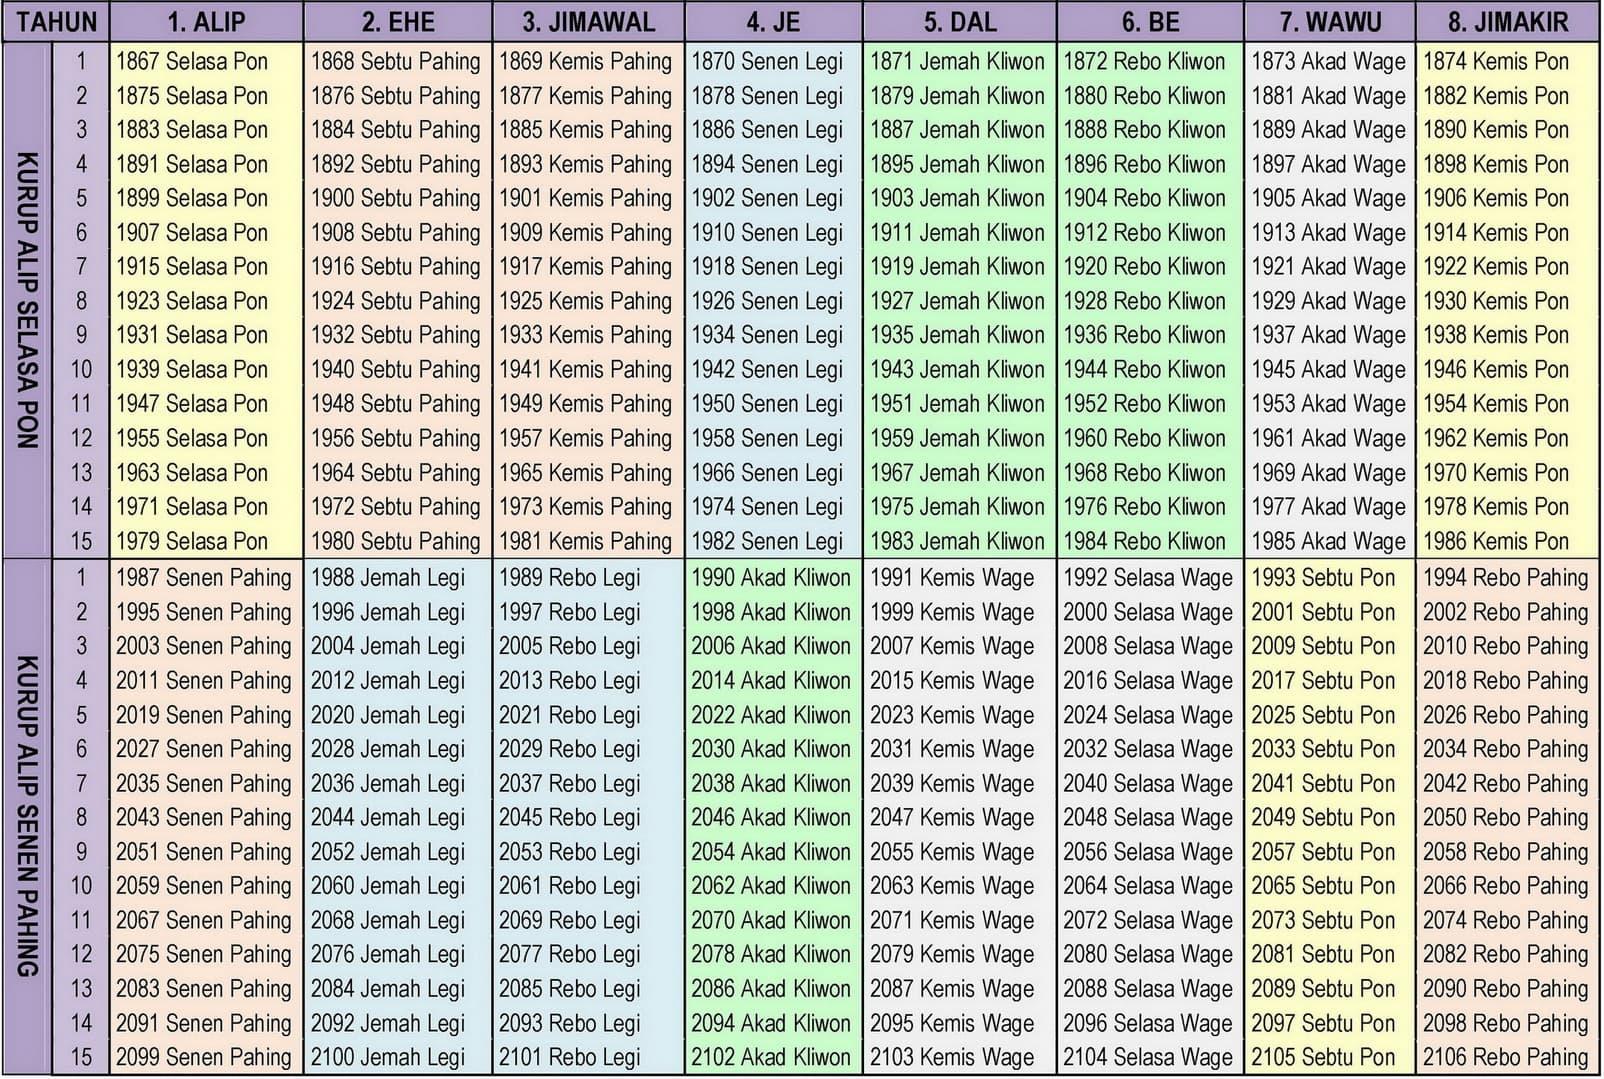 Hari Awal Tahun Kalender Jawa 1867‒2106 (1355‒1594 H, 1936‒2169 M)